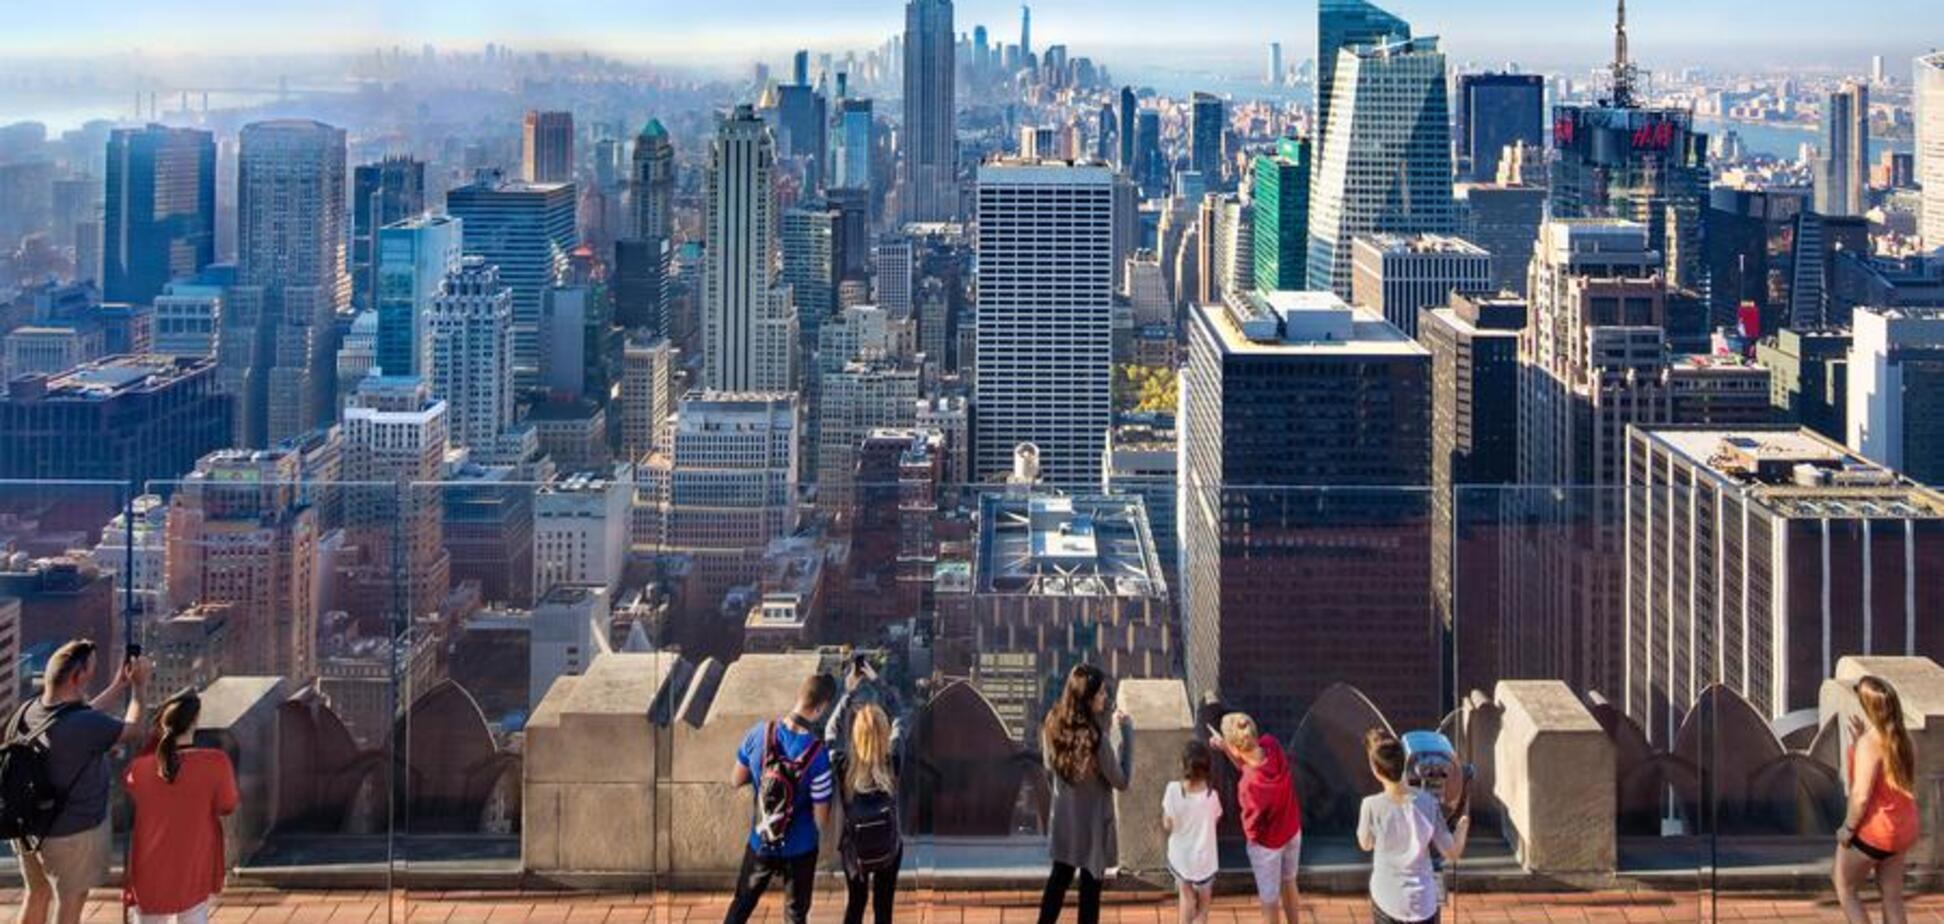 Как не испортить поездку в Нью-Йорк: топ-5 советов